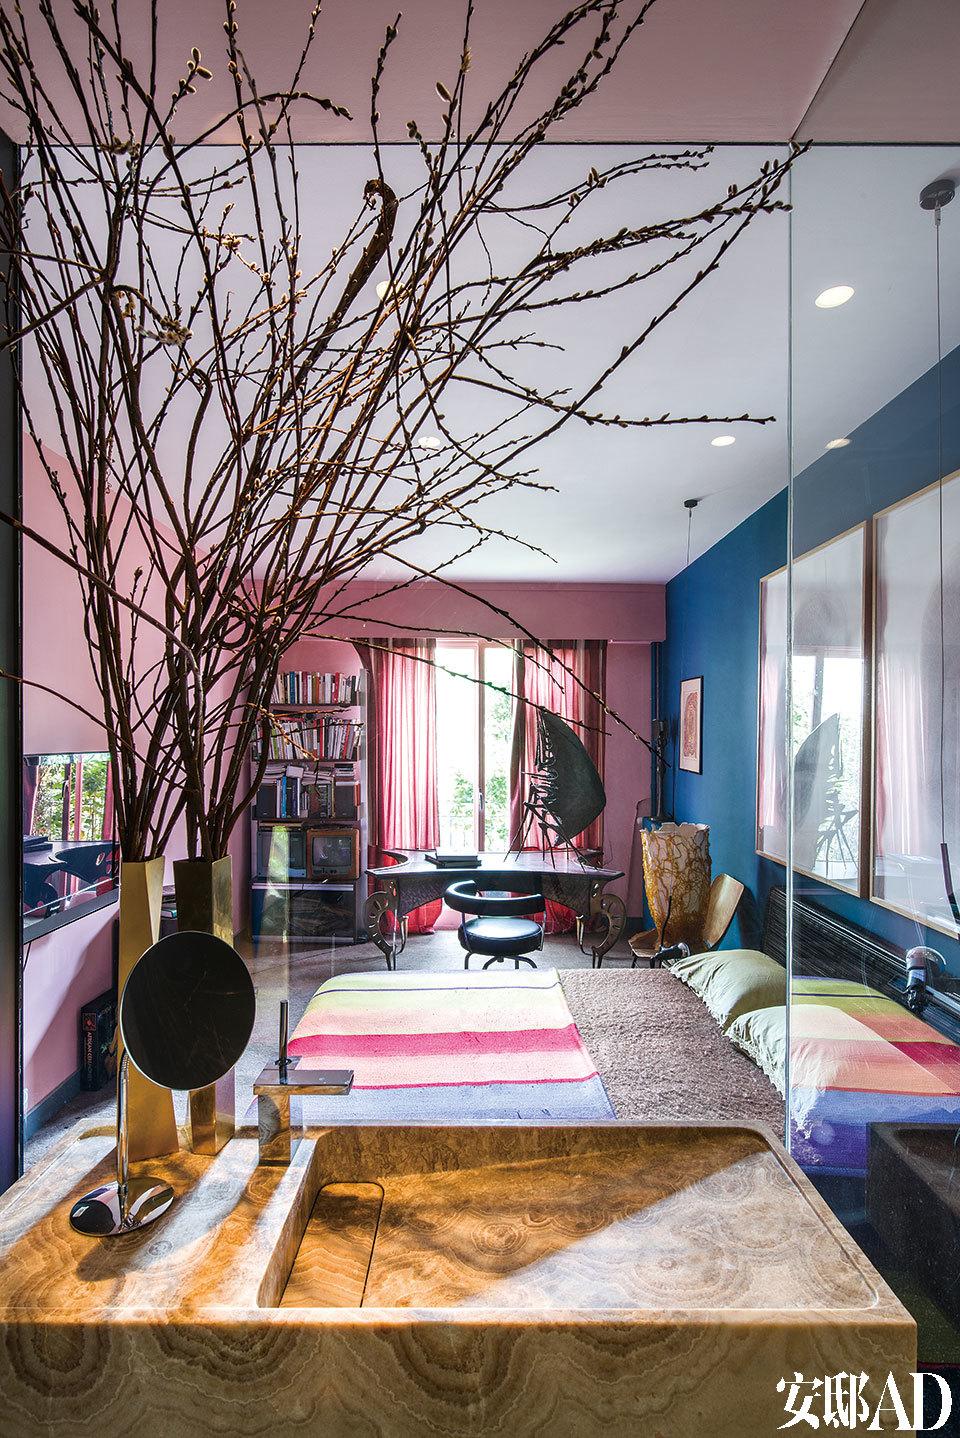 """浴室与卧室仅相隔一面透明玻璃,其余墙面进行了土耳其缟玛瑙搭配混凝土特殊处理而成;桌边的黑色转椅""""LC7""""材质为皮革和不锈钢,Le Corbusier出品。"""